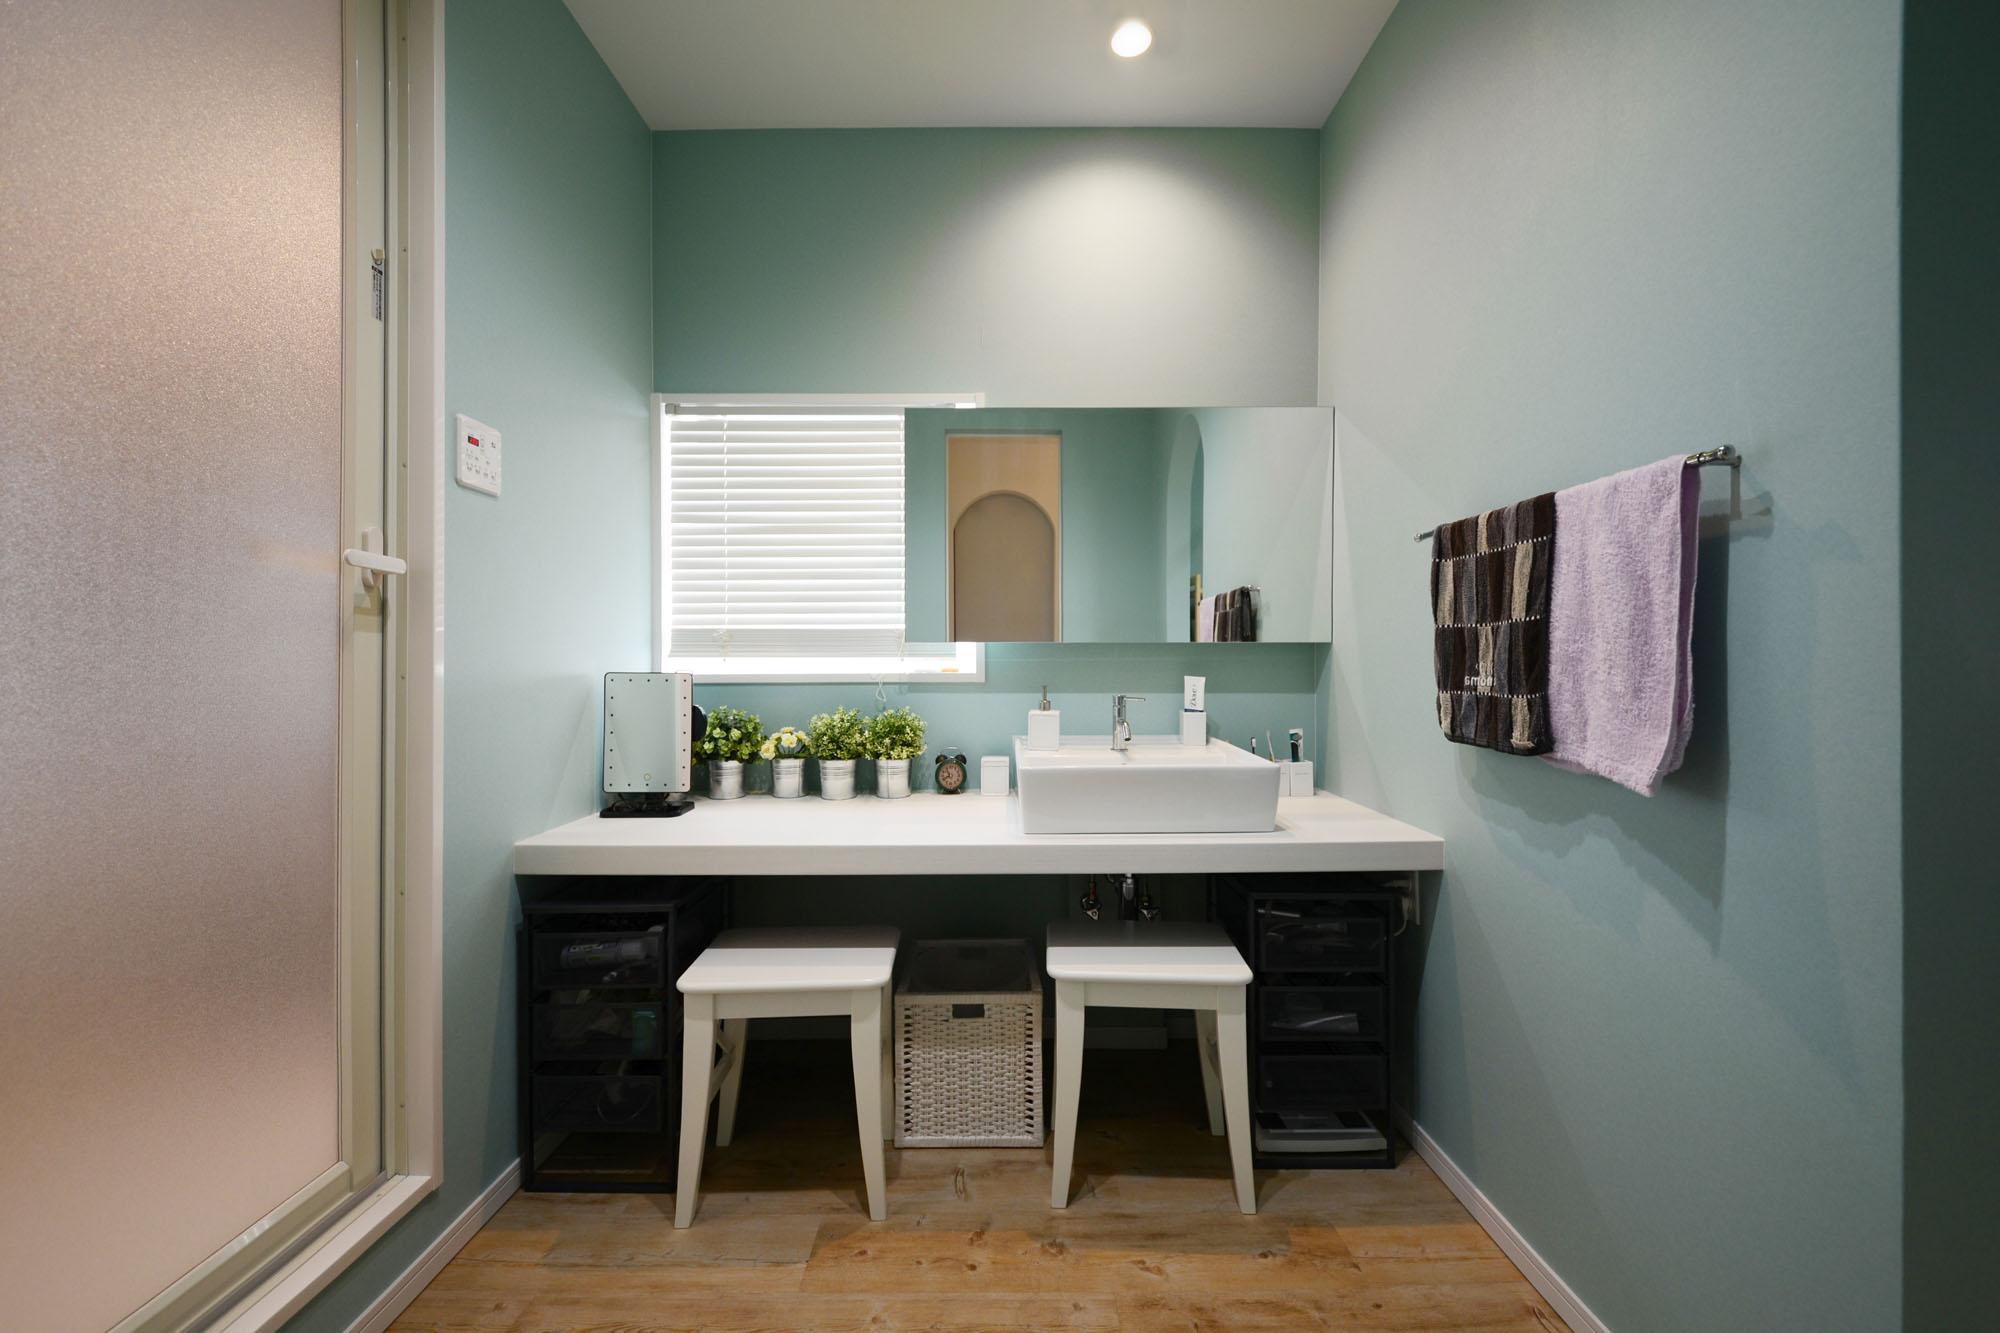 洗面台横の化粧スペースは、自然光を使える工夫も。の写真